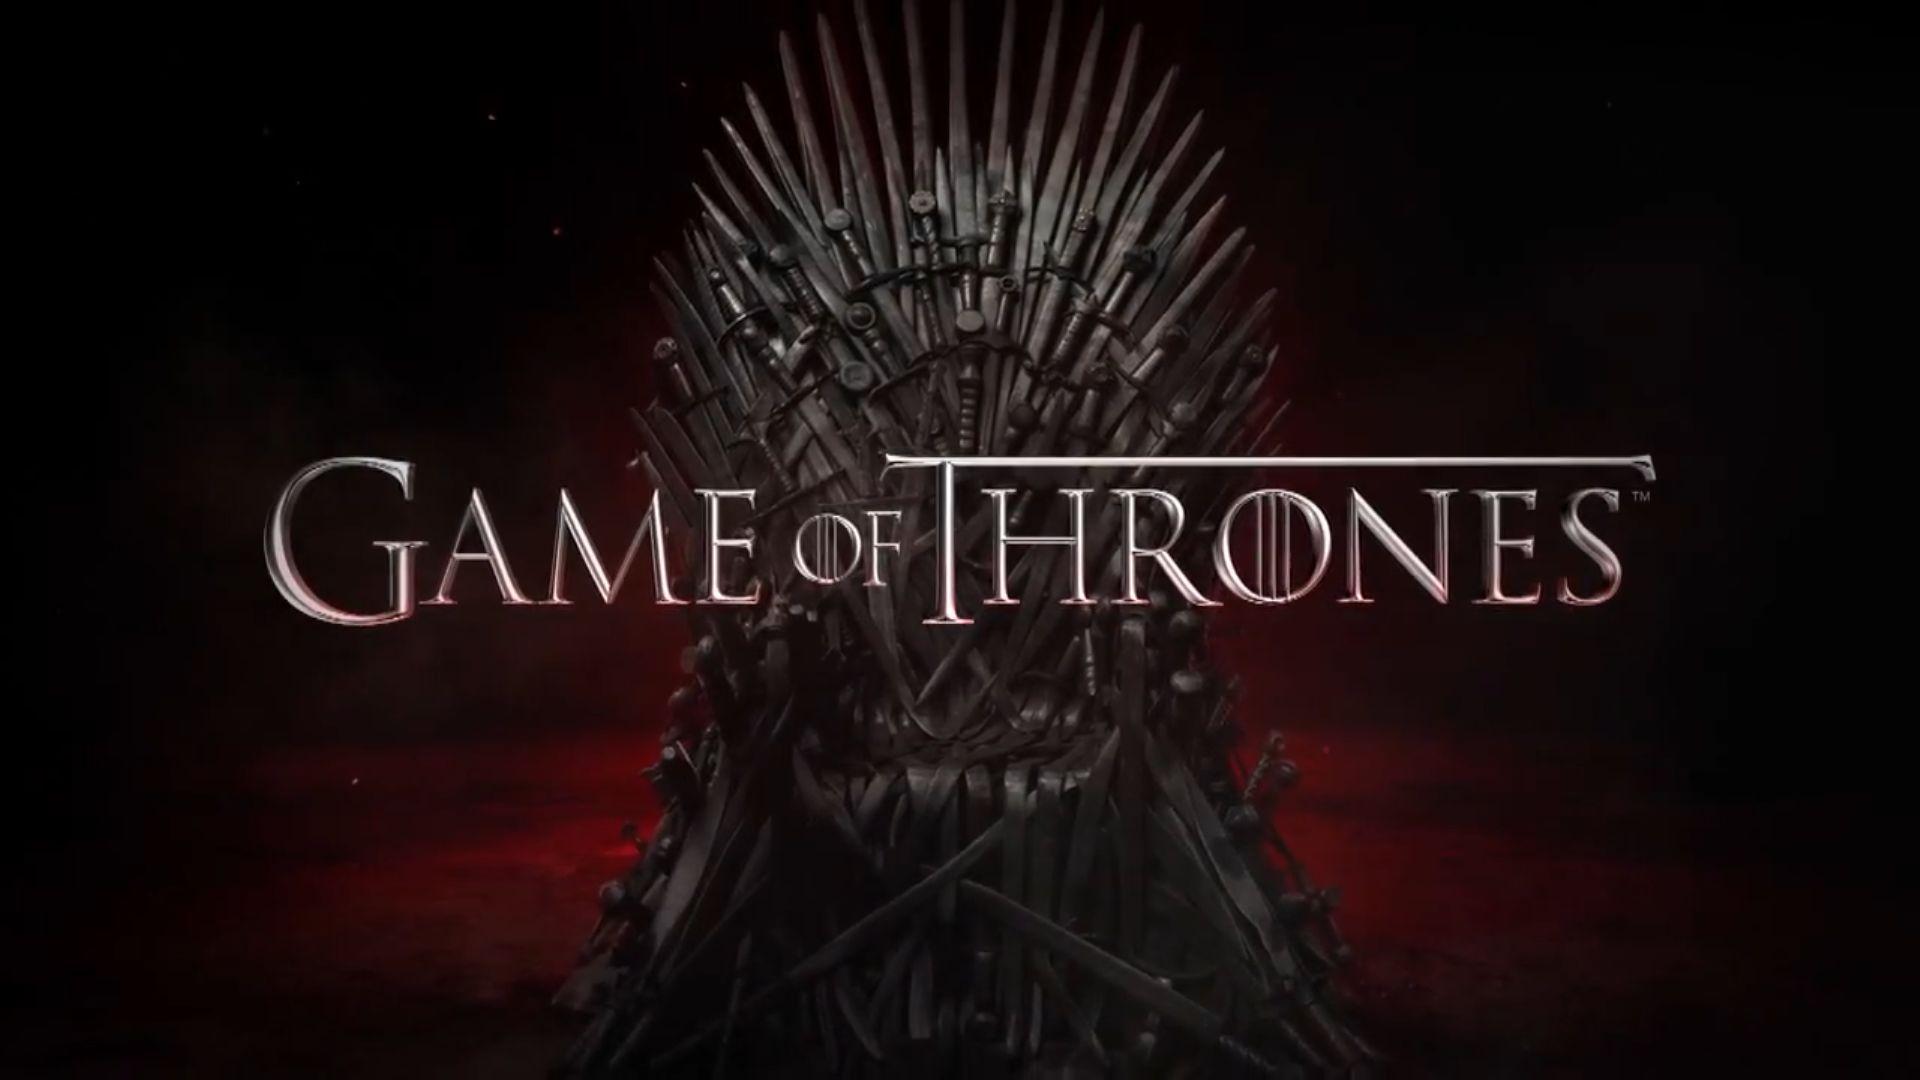 Producenti serije Game of Thrones se izvinili zbog Starbucks čaše